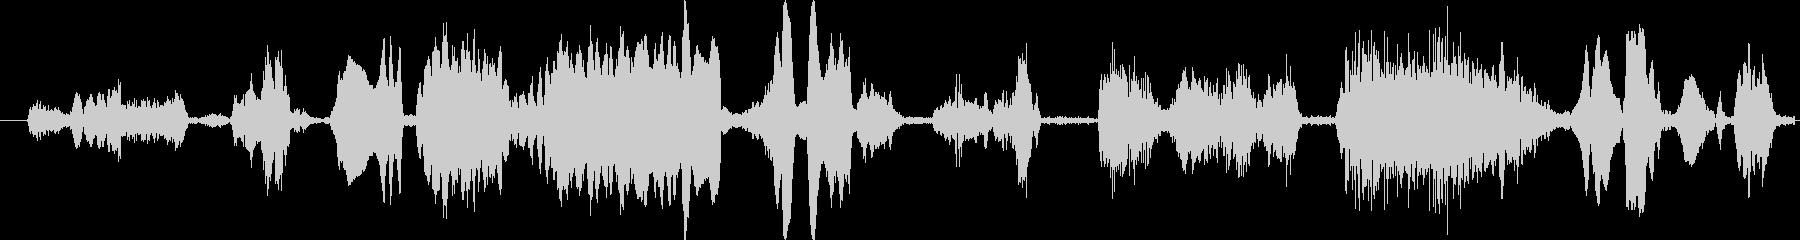 モンスター グリッチトーク04の未再生の波形